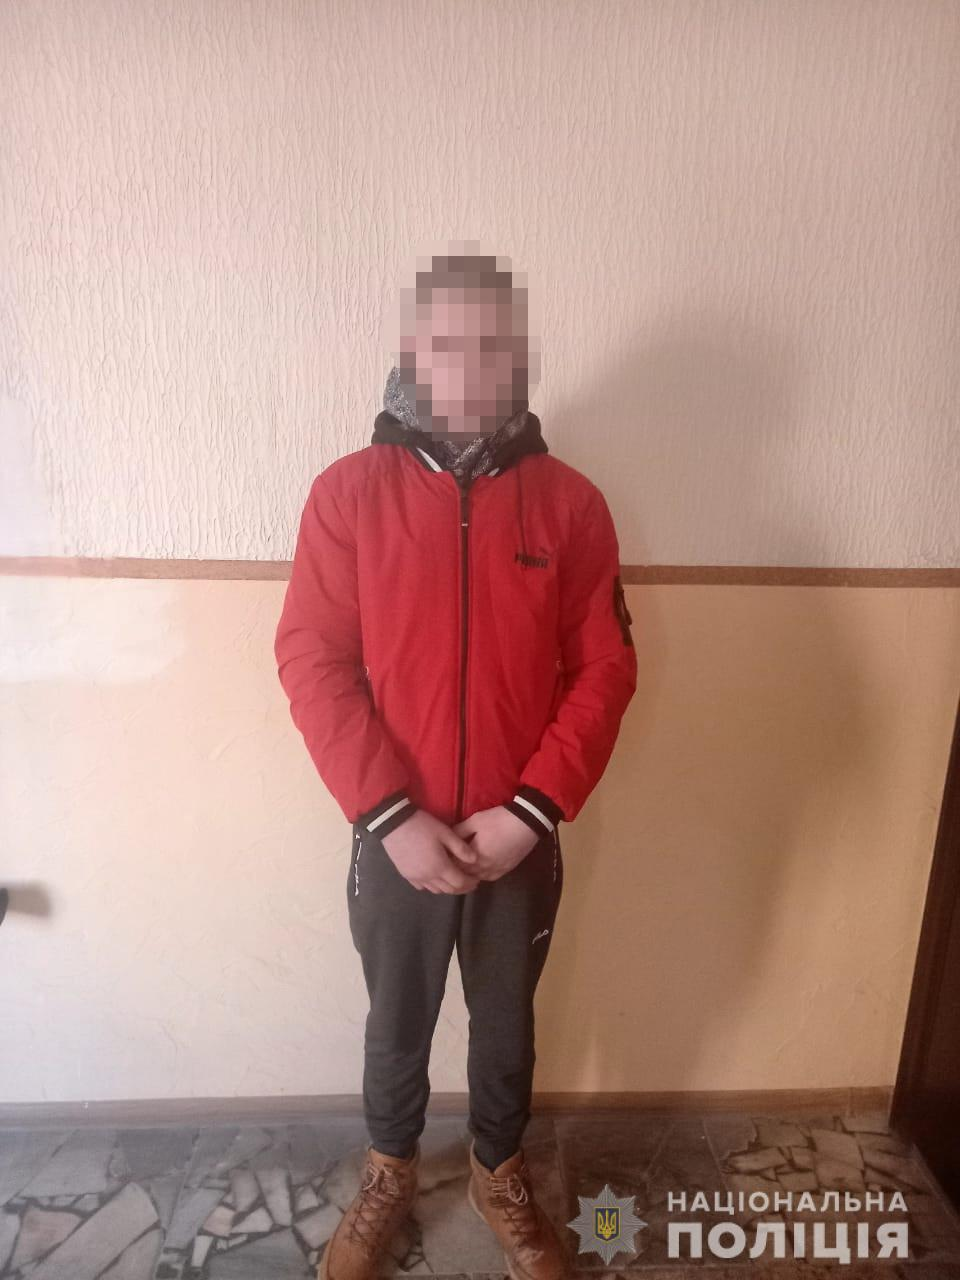 Поліцейські оперативно розкрили крадіжку з магазину в селі Довге. 14-річного школяра, який проник в крамницю та викрав звідти понад 10 пачок цигарок, розшукали.